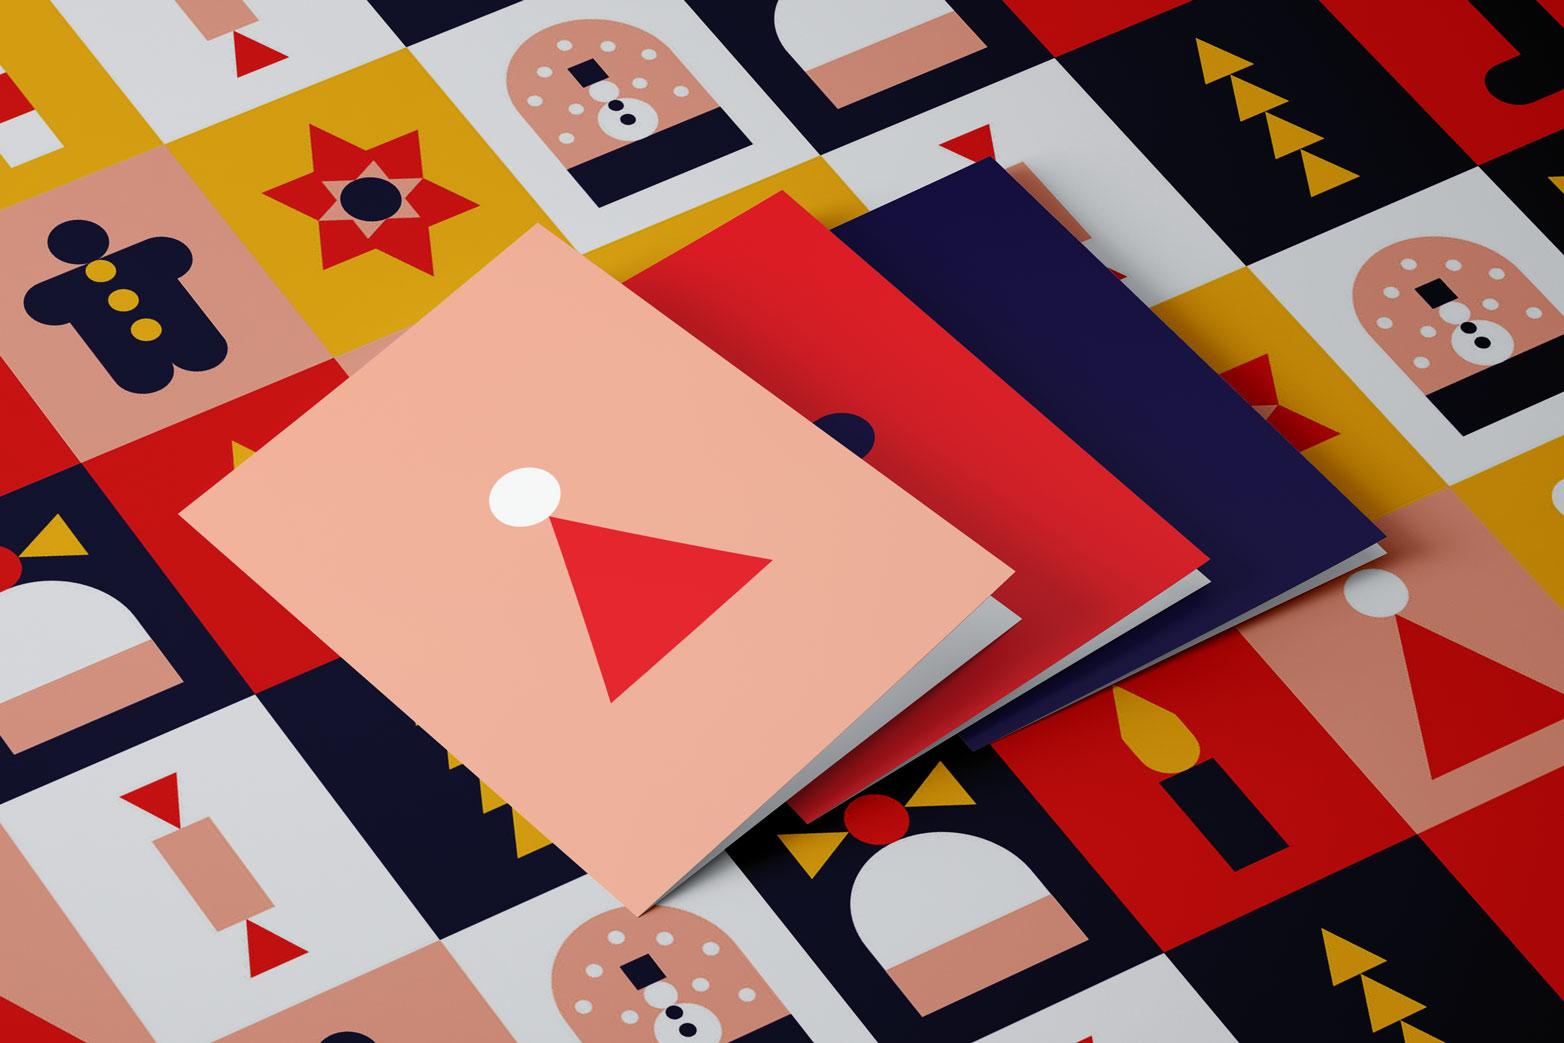 ABL-xmasparty-card-02.jpg